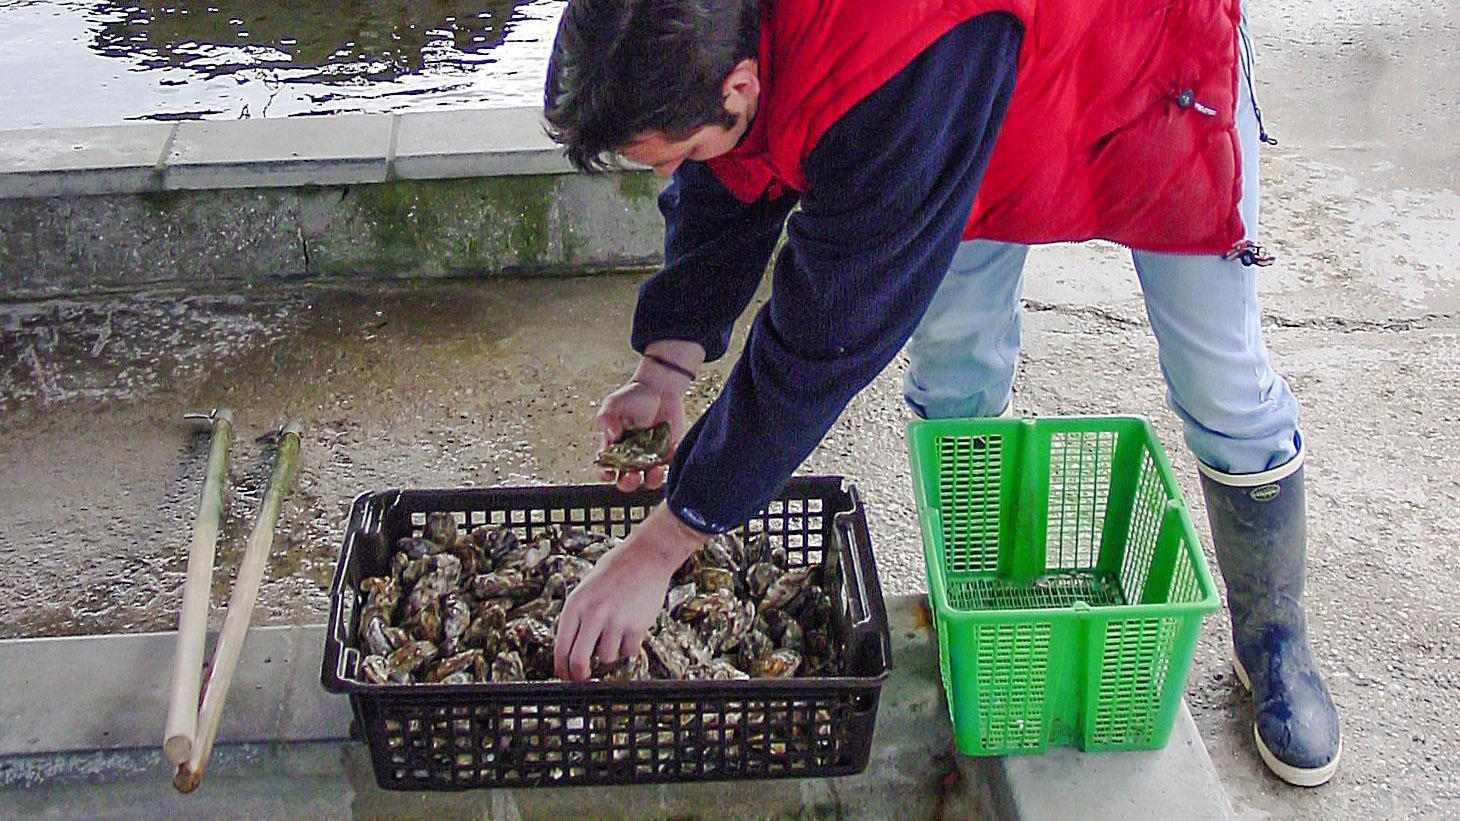 Austernzüchter Jérôme Delarue holt frische huîtres creuses aus dem vivier, dem Reinigungsbecken. Foto: Hilke Maunder